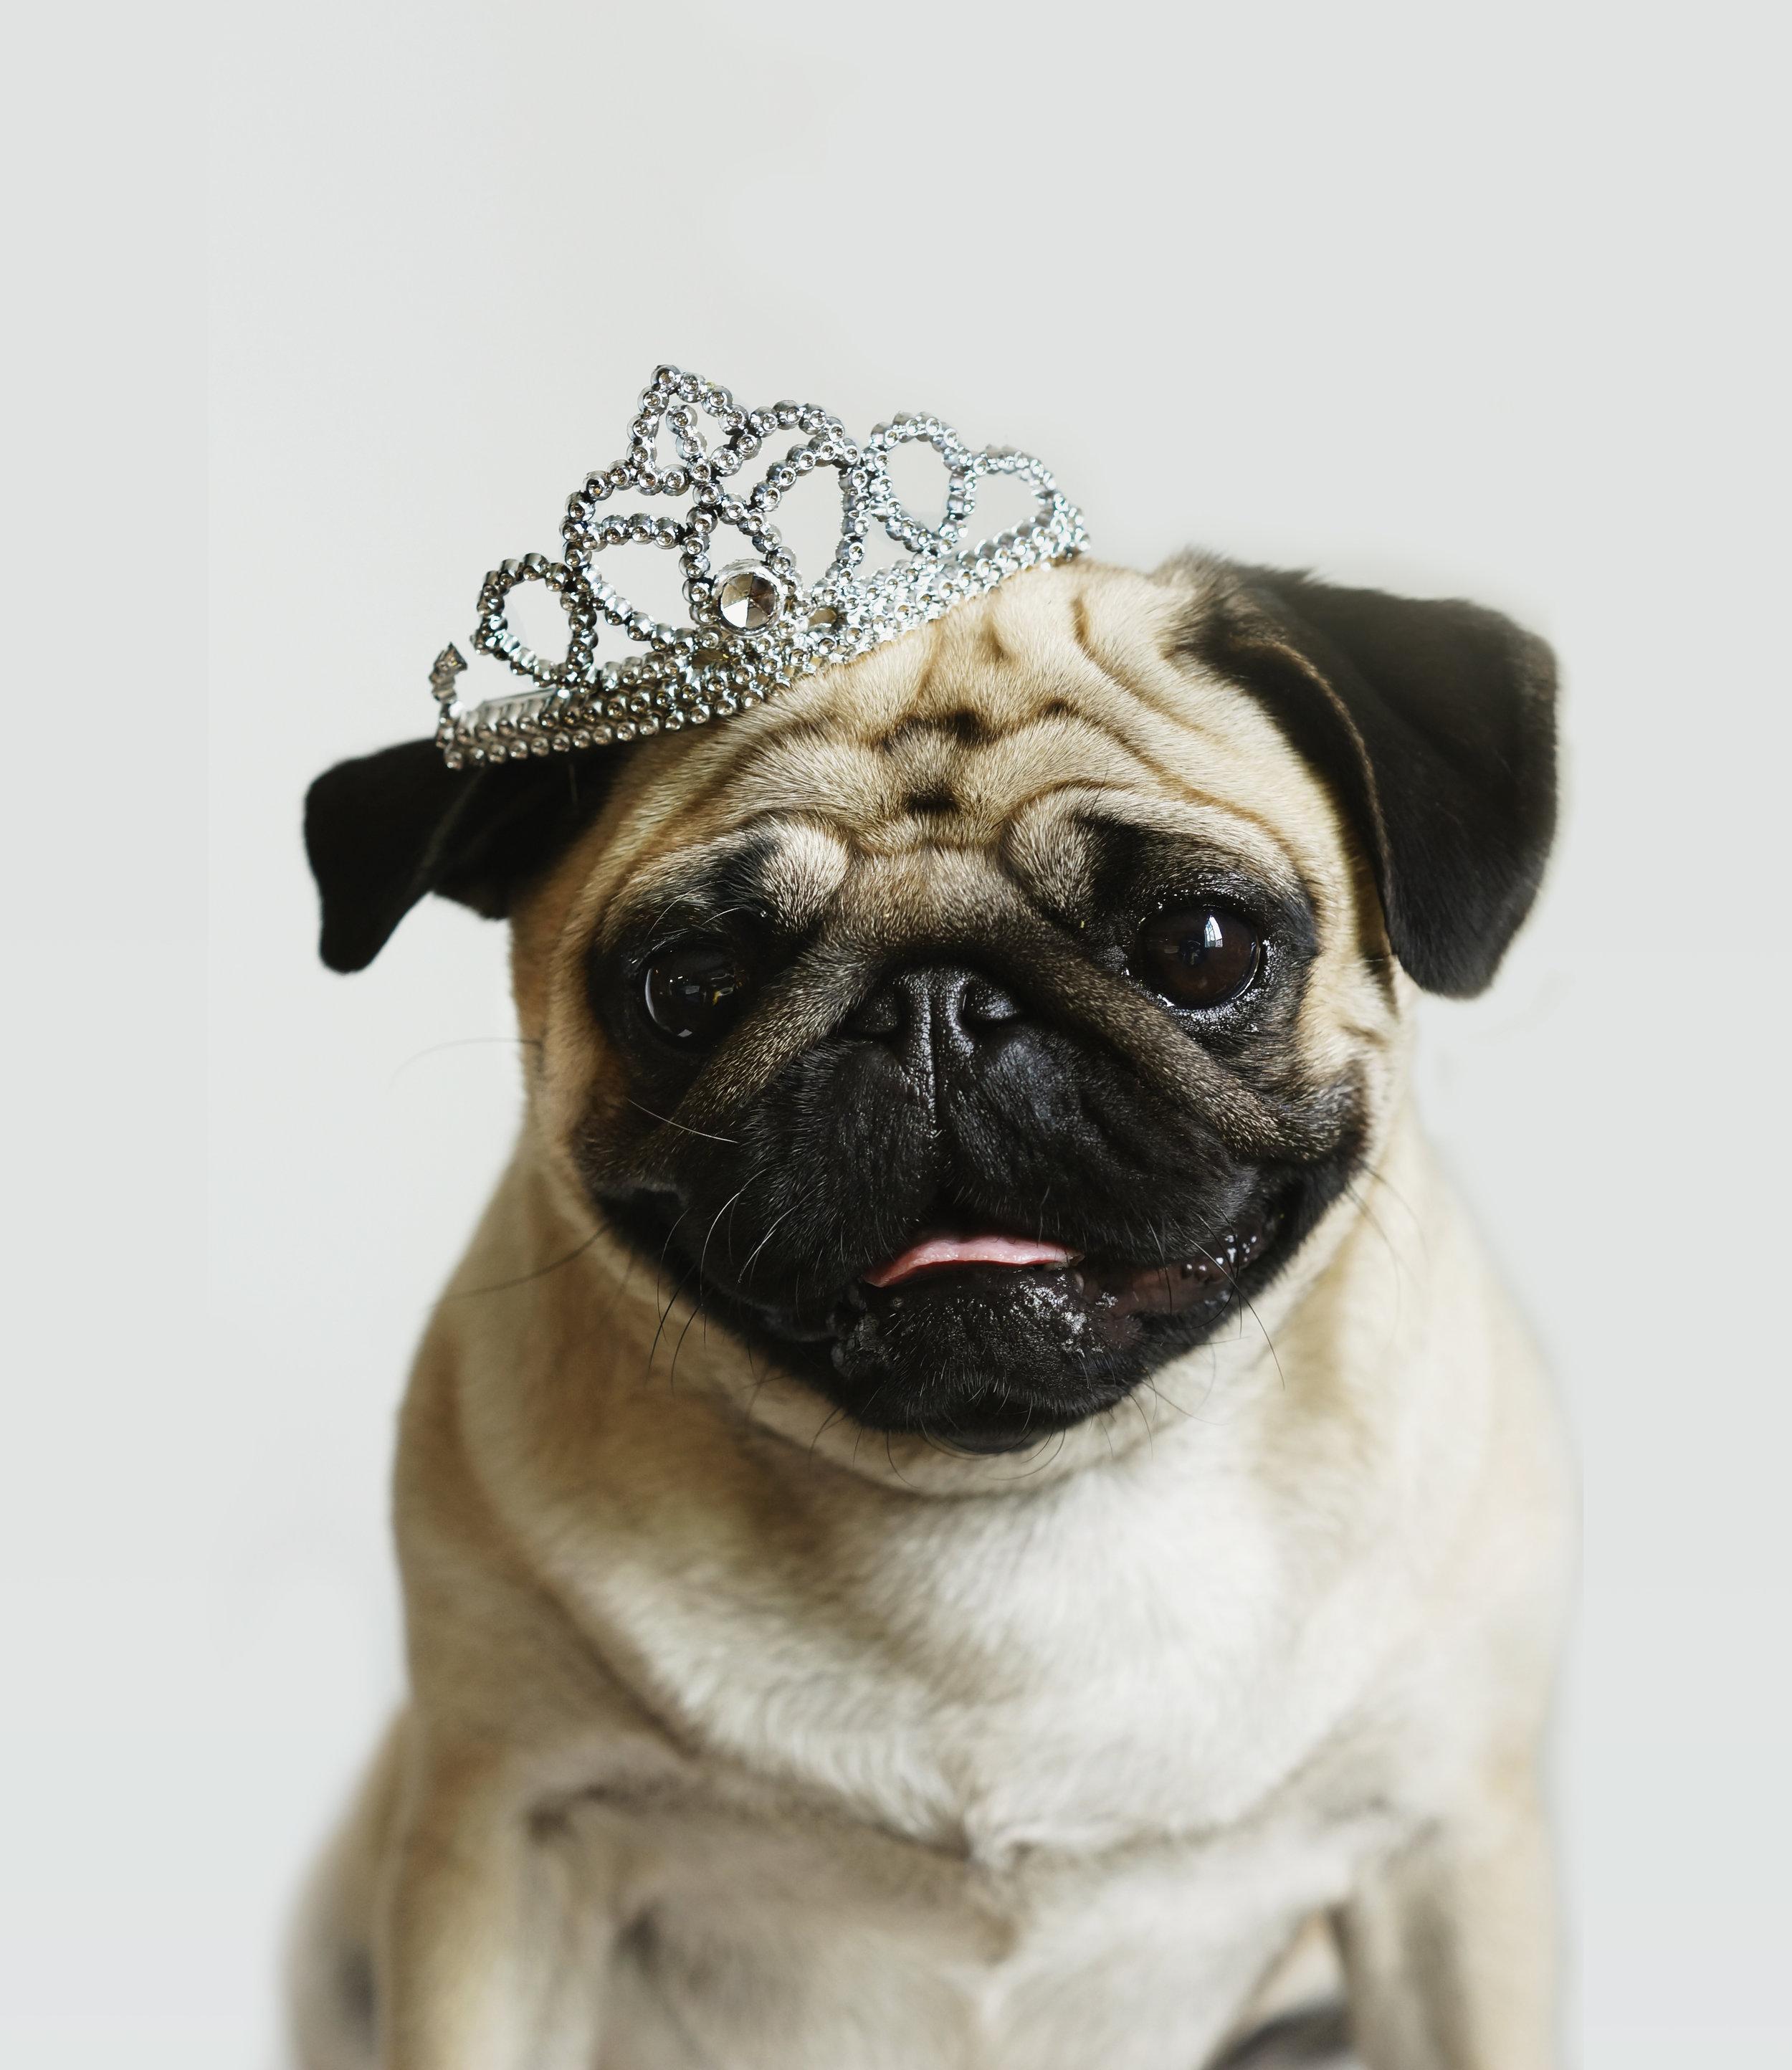 animal-animal-close-up-close-up-dog-dog-dog-animals-pet-pet-pug-pug-eyes-eyes-ears-ears-whiskers_t20_7AXVaj.jpg